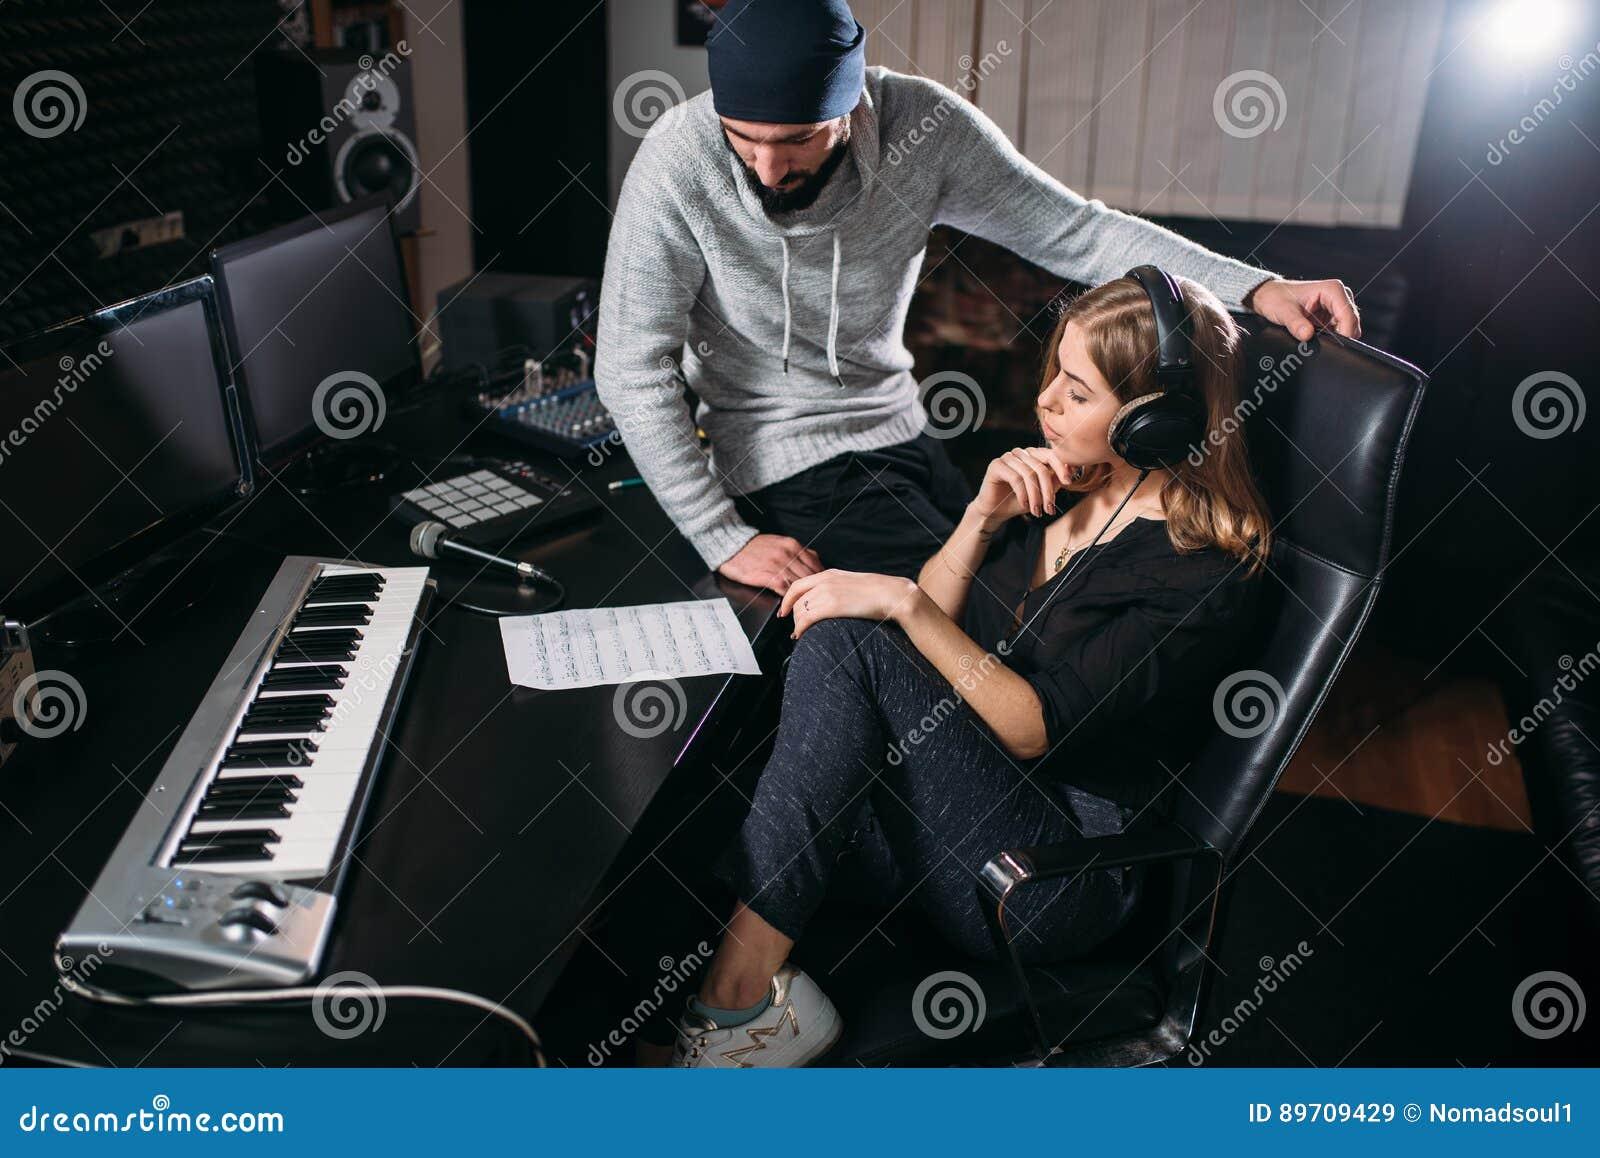 Den kvinnliga sångaren lyssnar sångrekordet i musikstudio